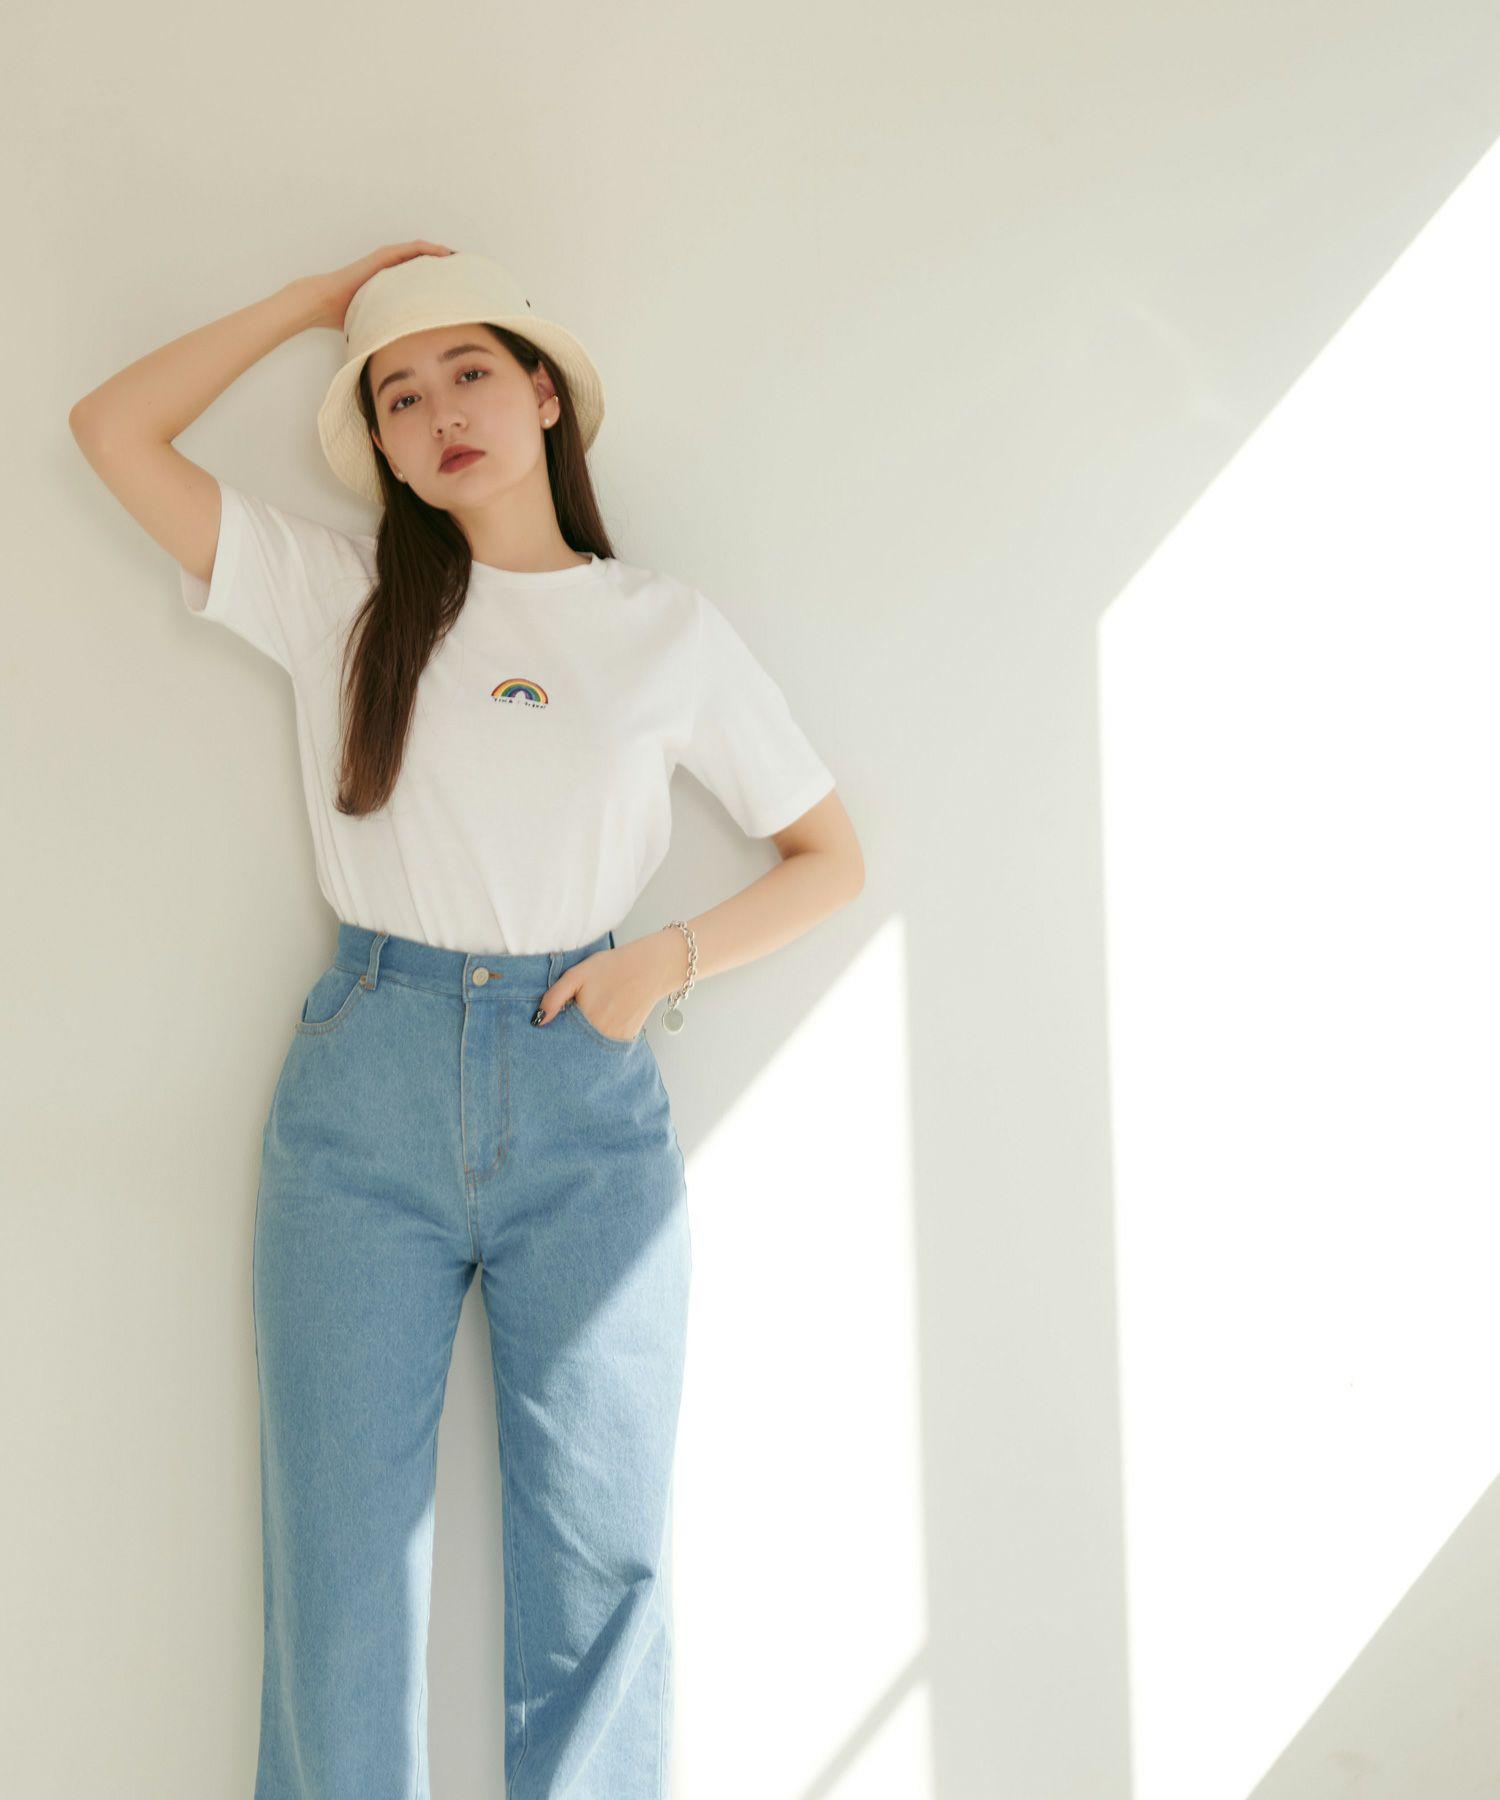 半袖Tシャツ/刺繍入り/ホワイト/ネイビー